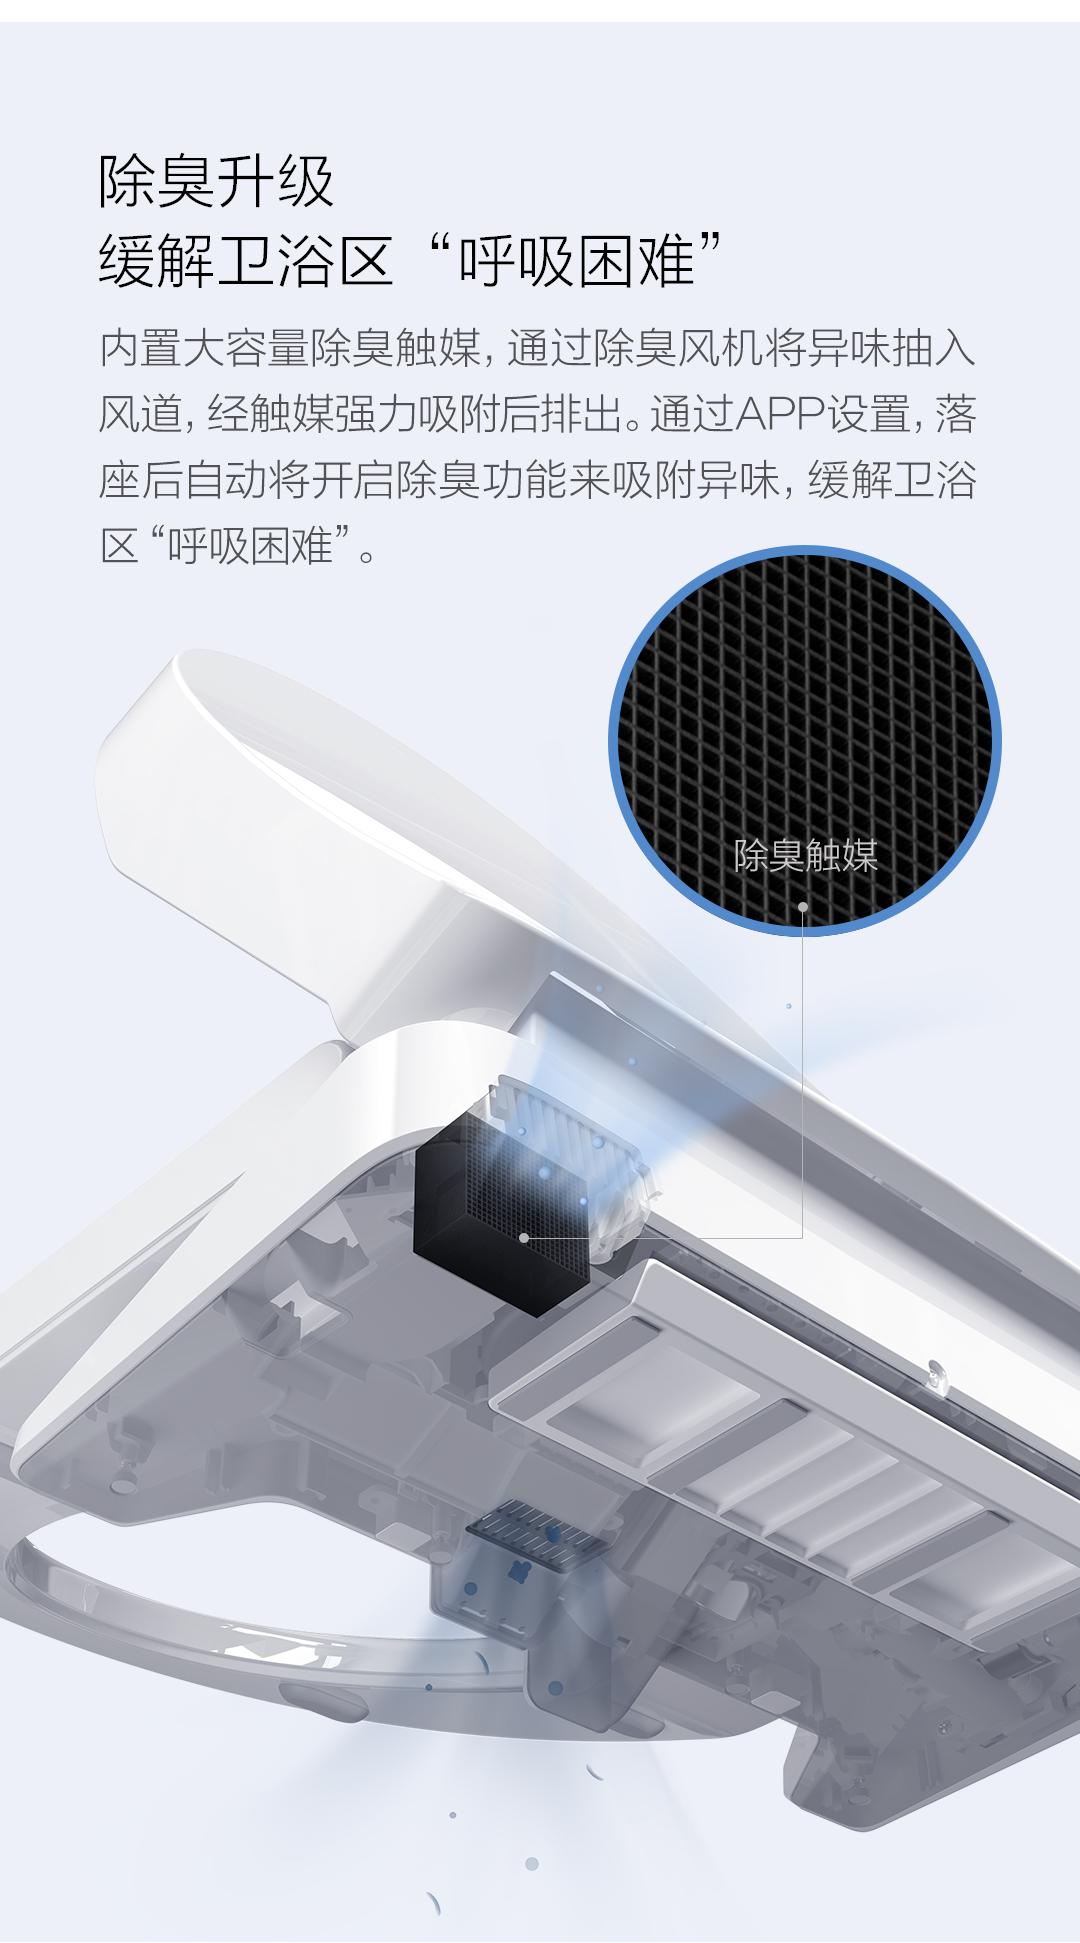 智米智能马桶盖Pro免费试用,评测